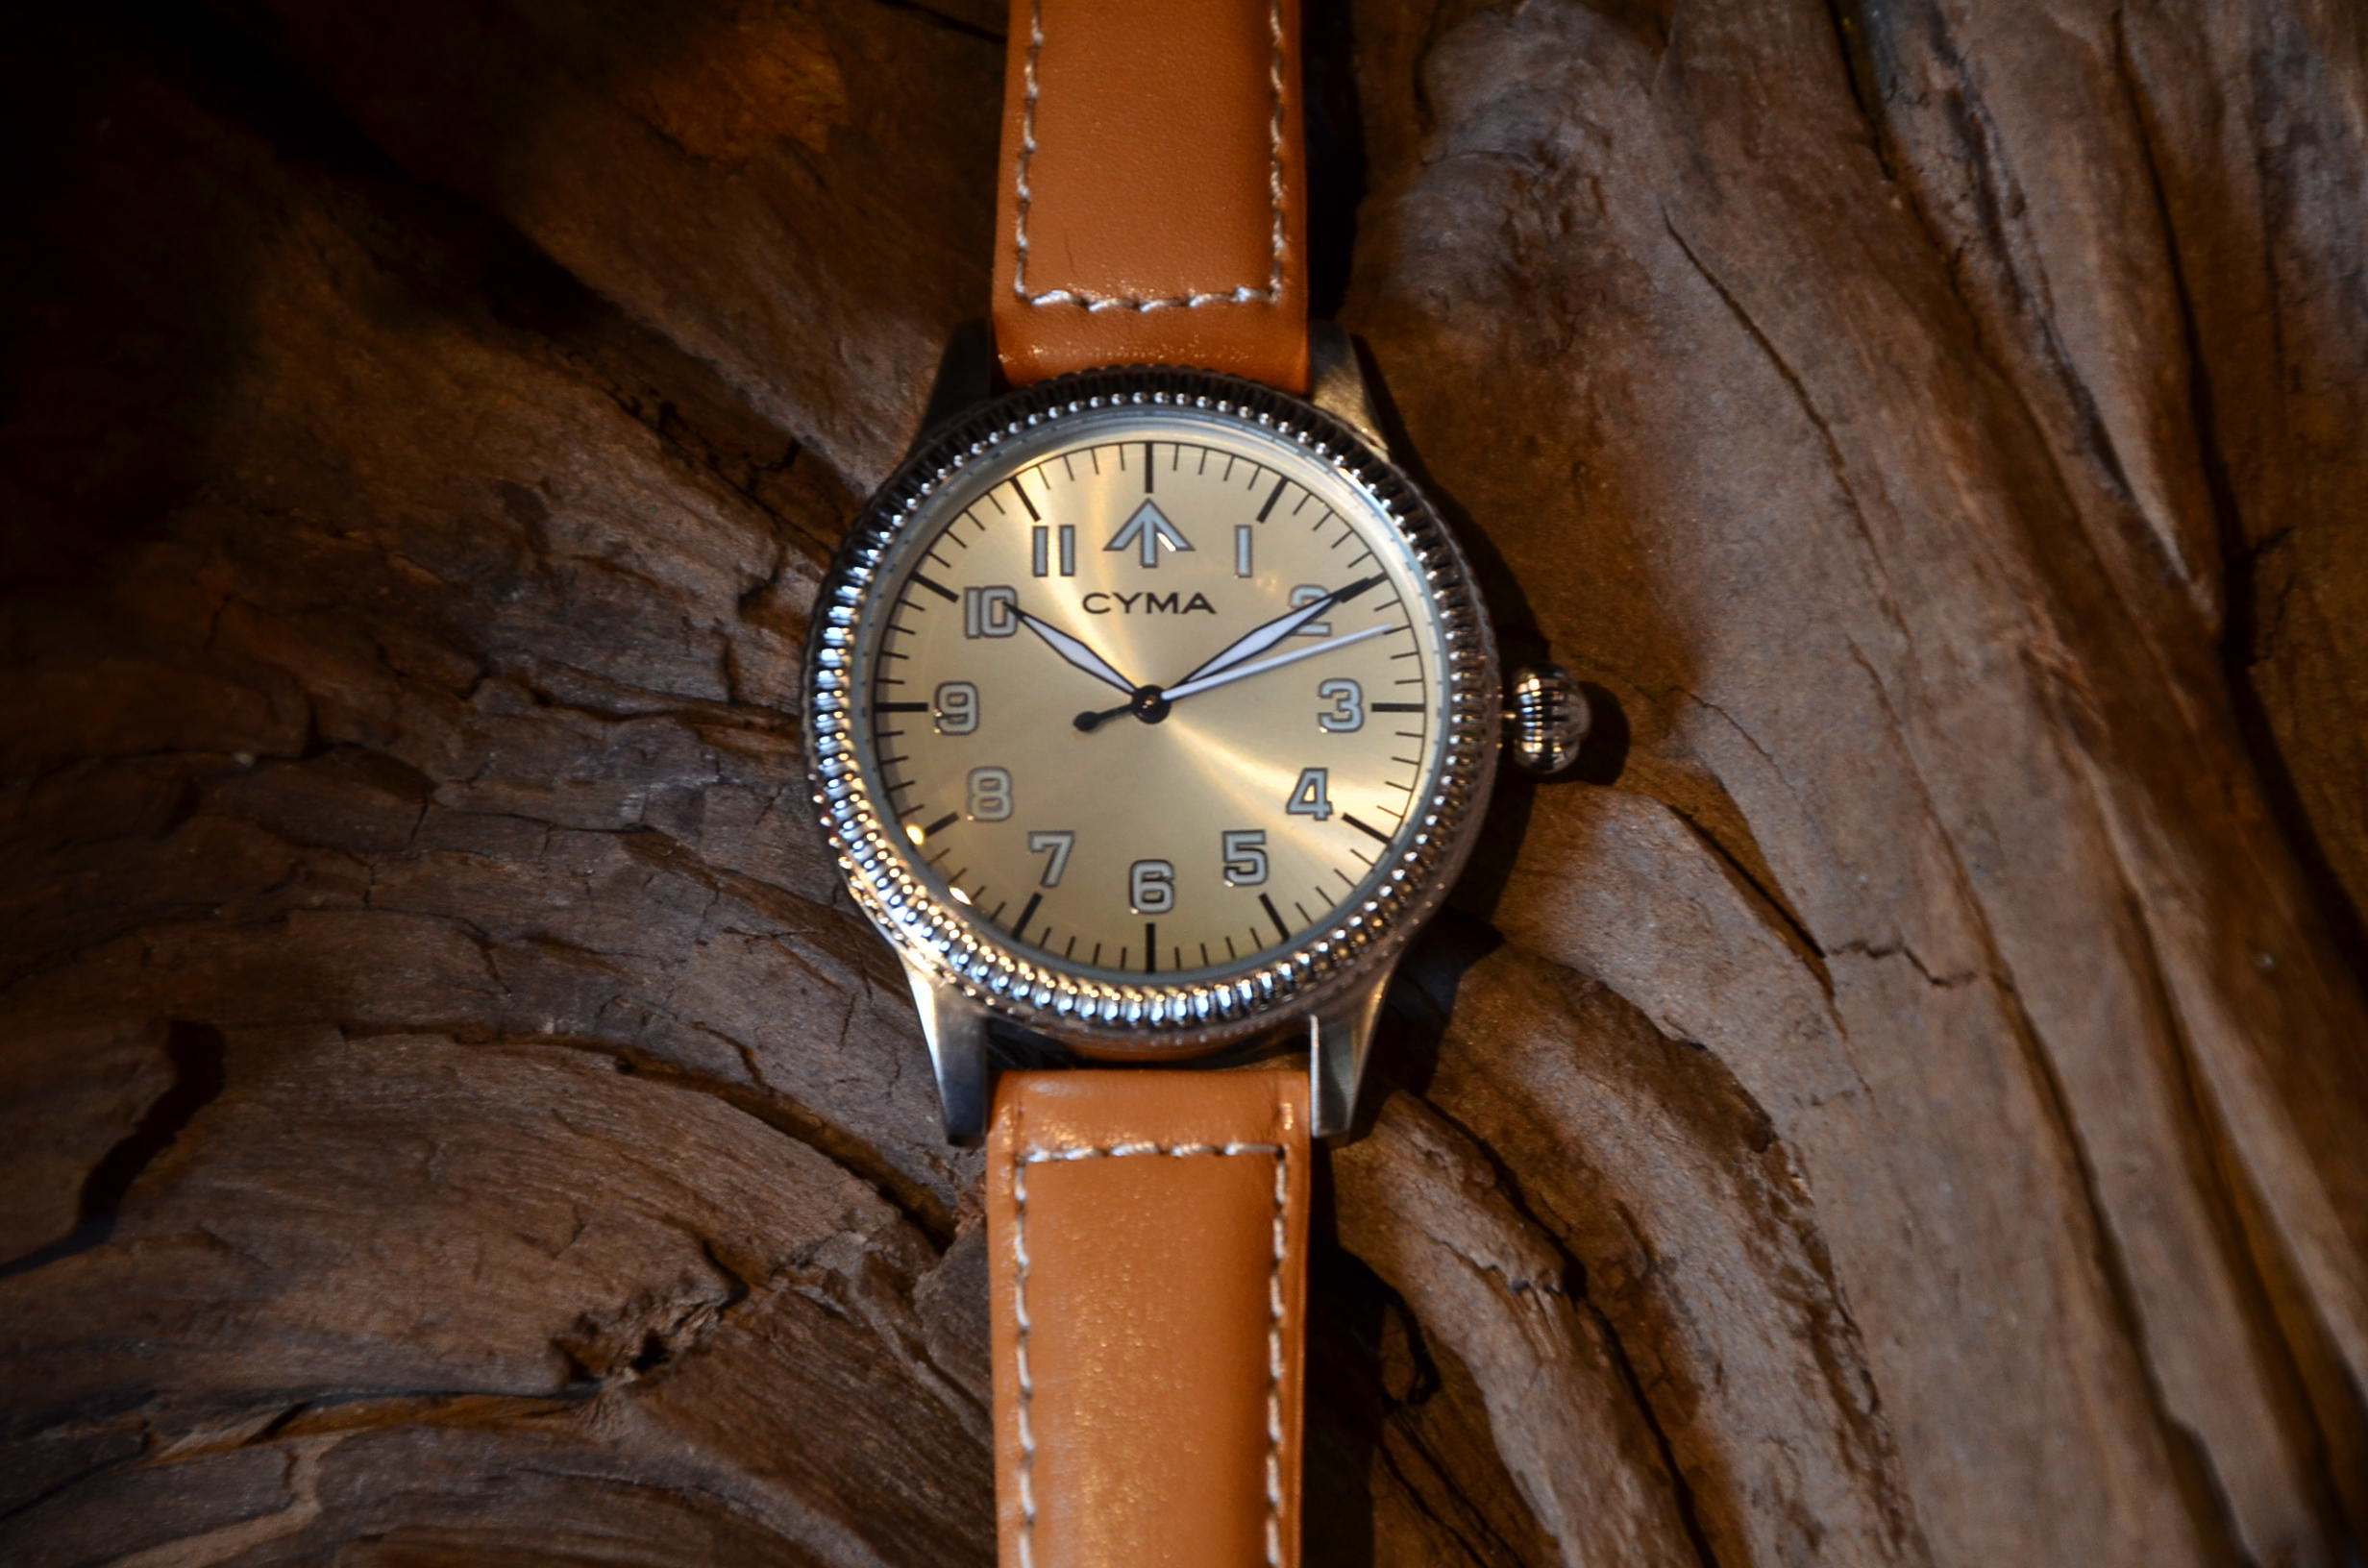 クリスマスギフトにも最適な腕時計_c0167336_15374042.jpg